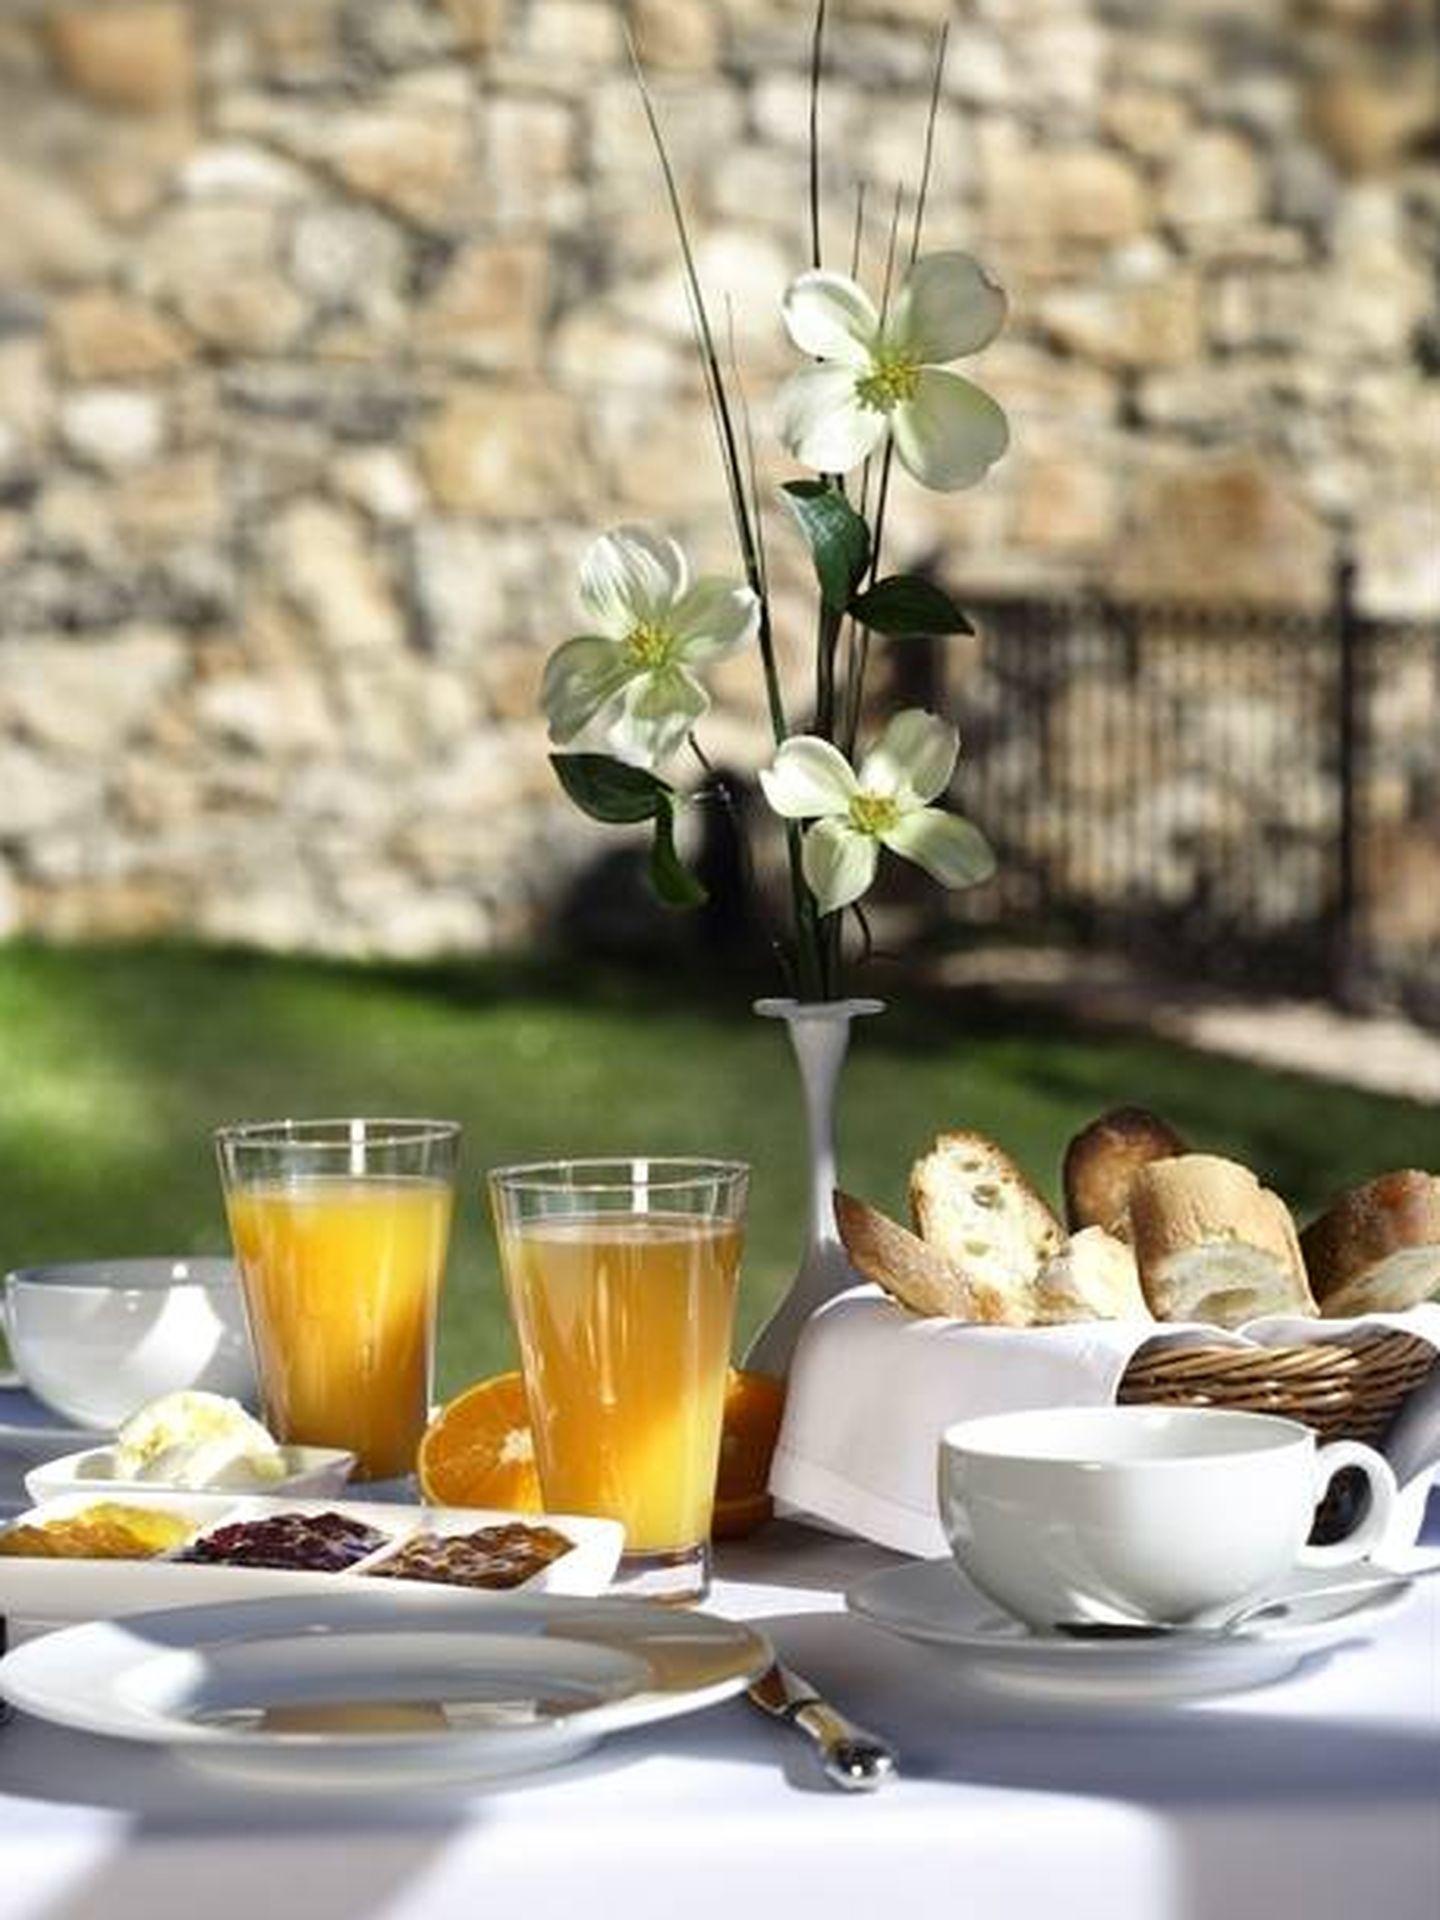 Un desayuno en un lugar bucólico, Los Ánades